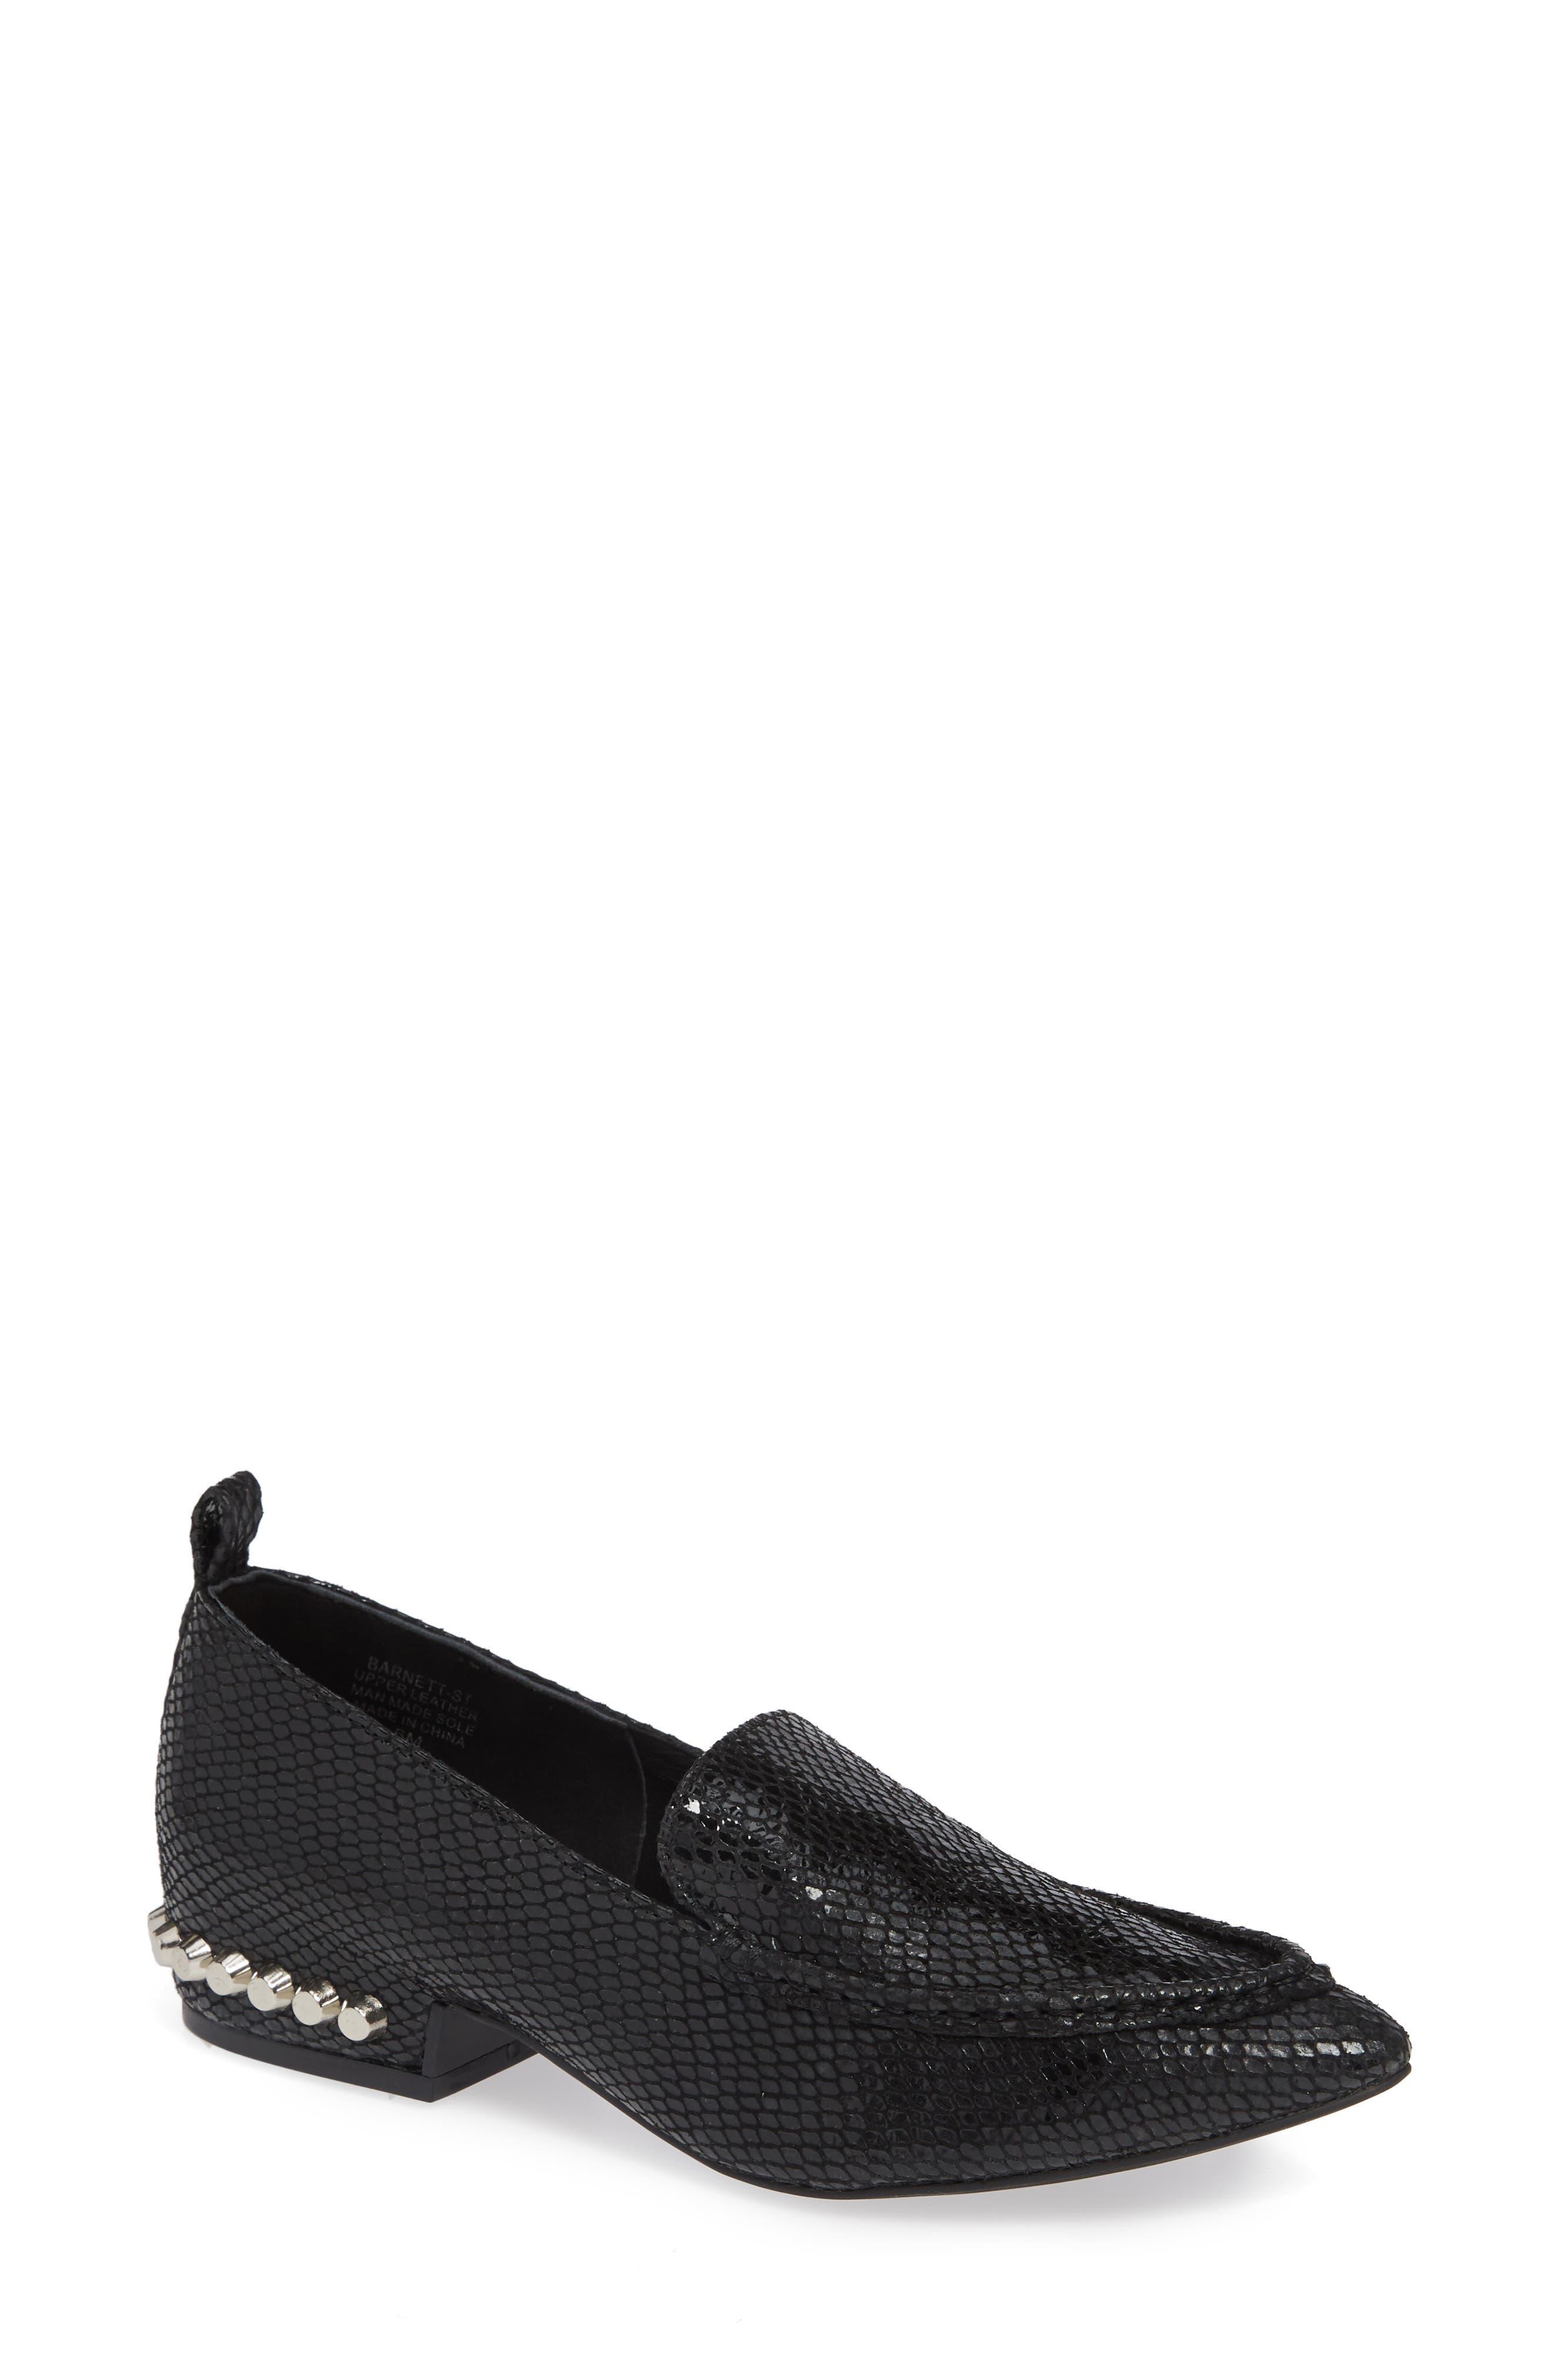 Barnett Studded Loafer,                         Main,                         color, BLACK SNAKE SILVER